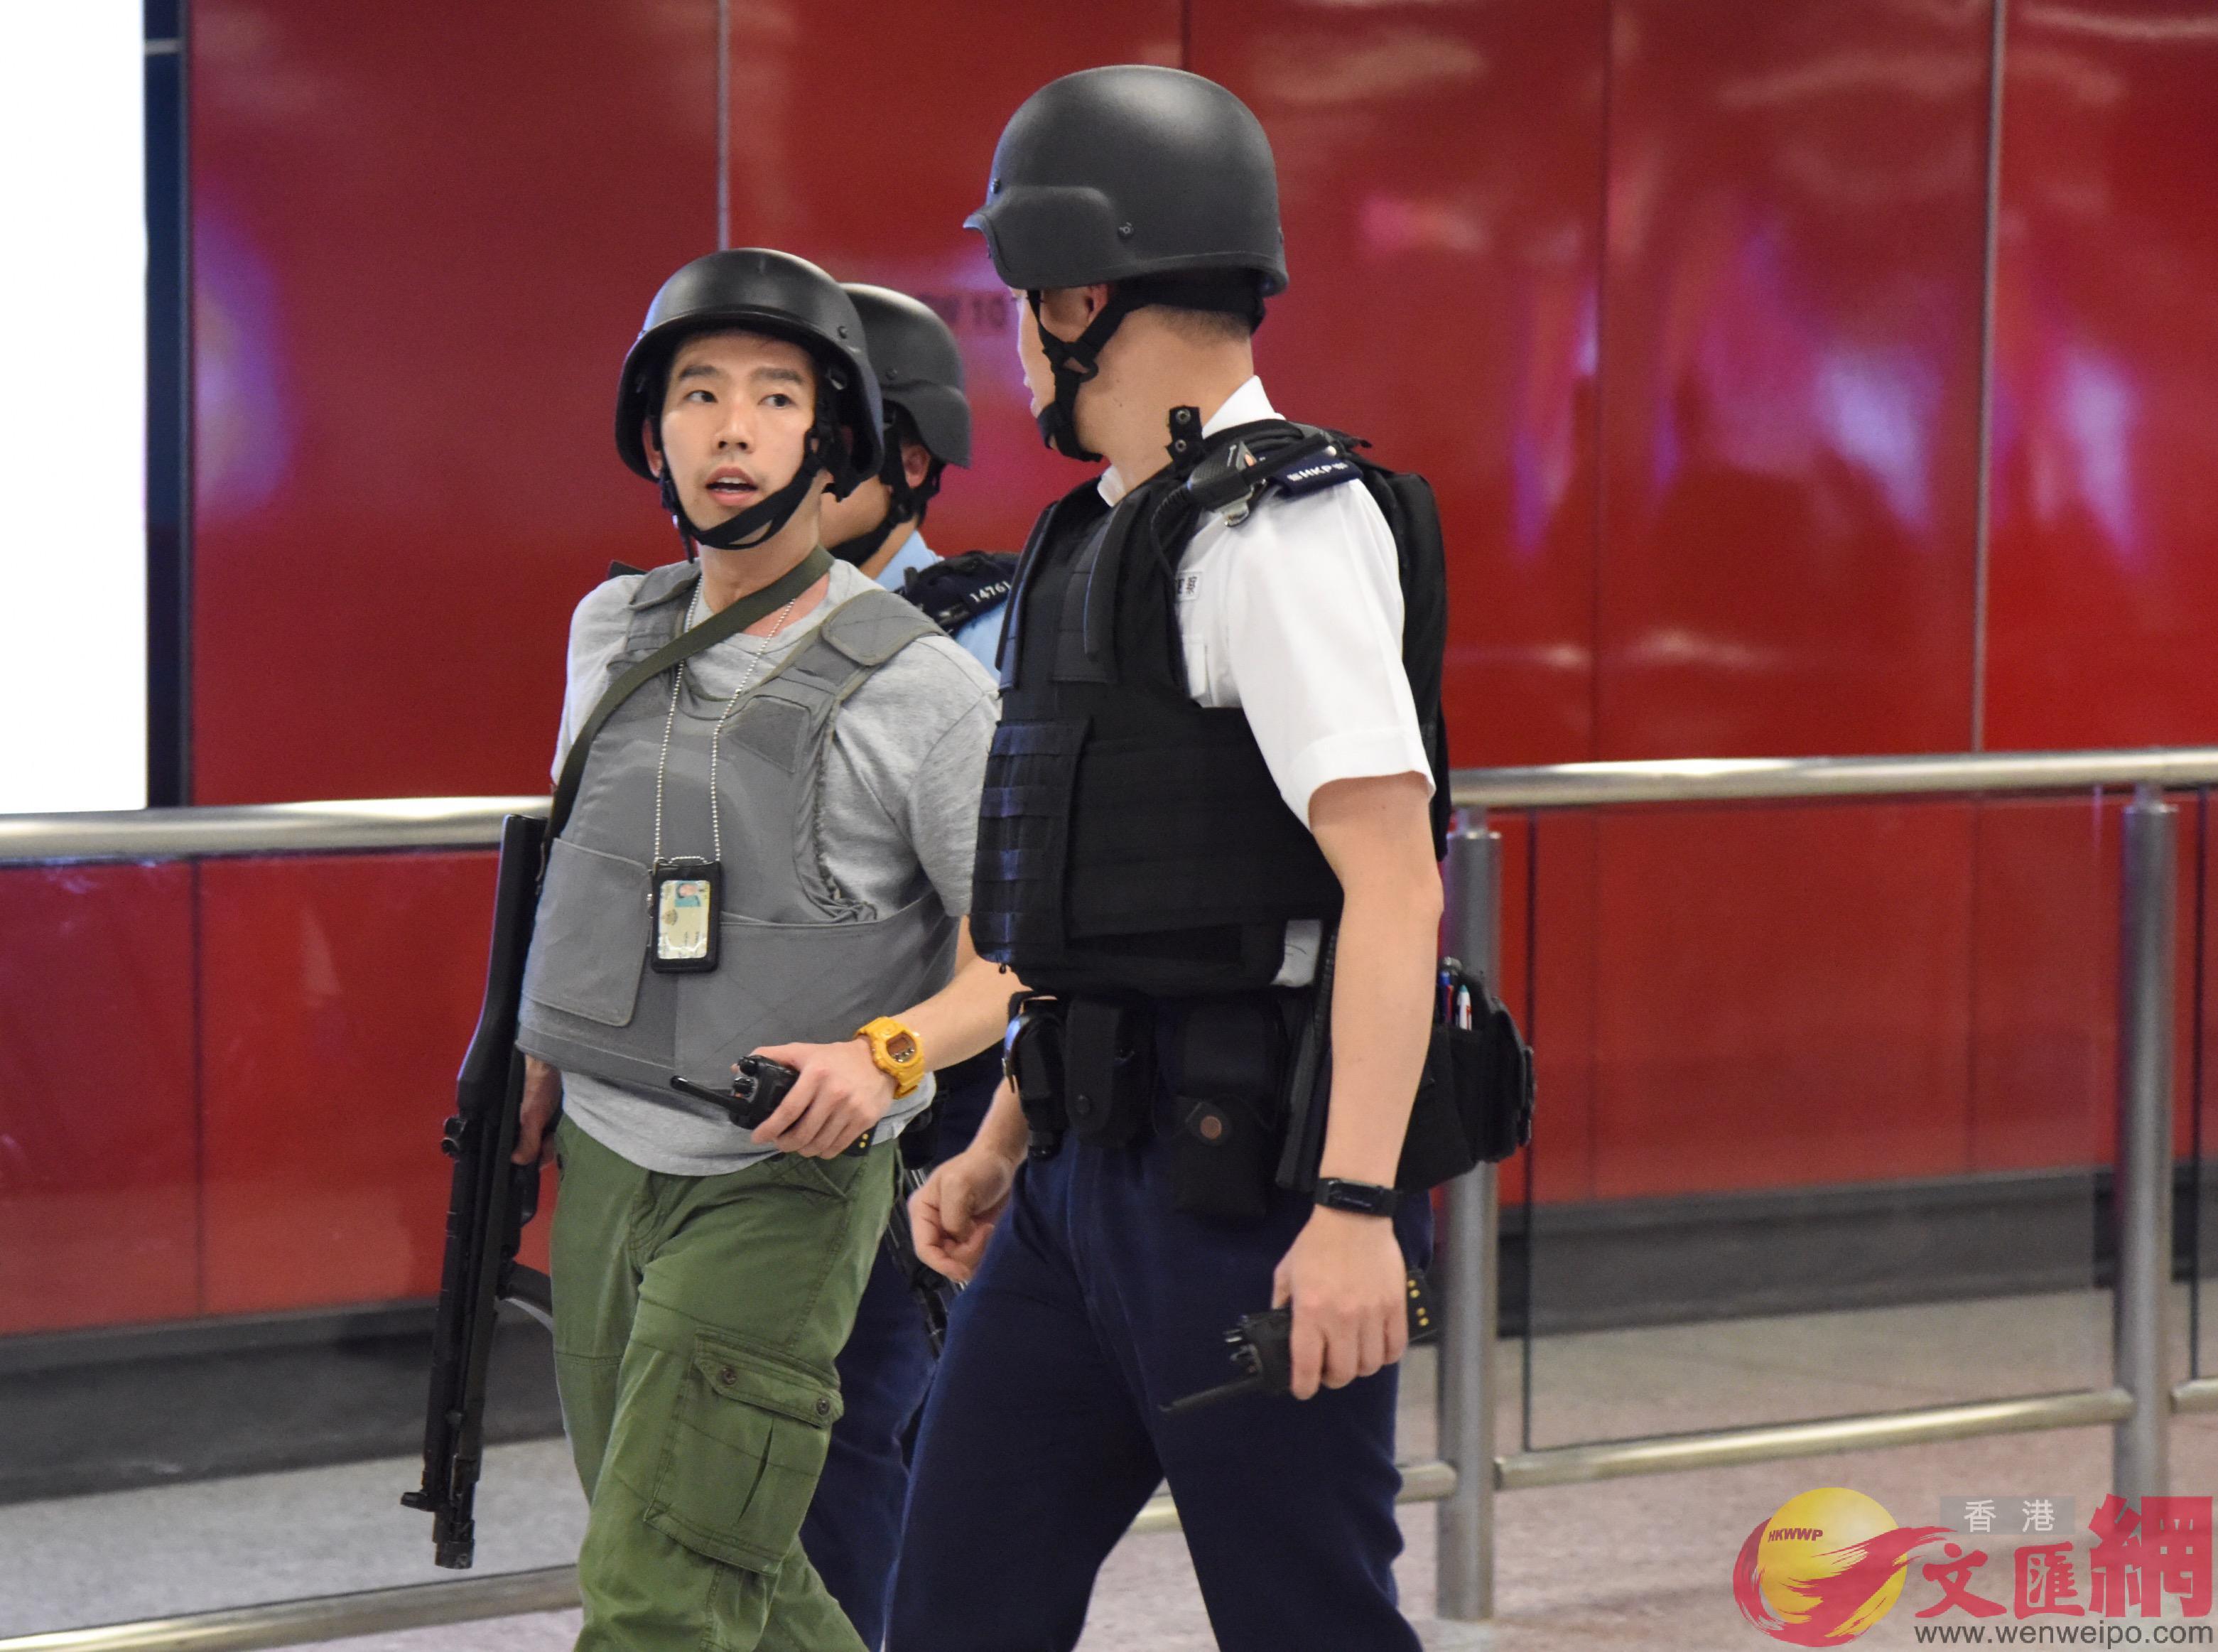 2月28日,香港中環發生懷疑持搶劫案,大批身穿避彈衣的警員到場搜捕匪徒。圖為中環港鐵站,有警員手持衝鋒槍在場巡邏。